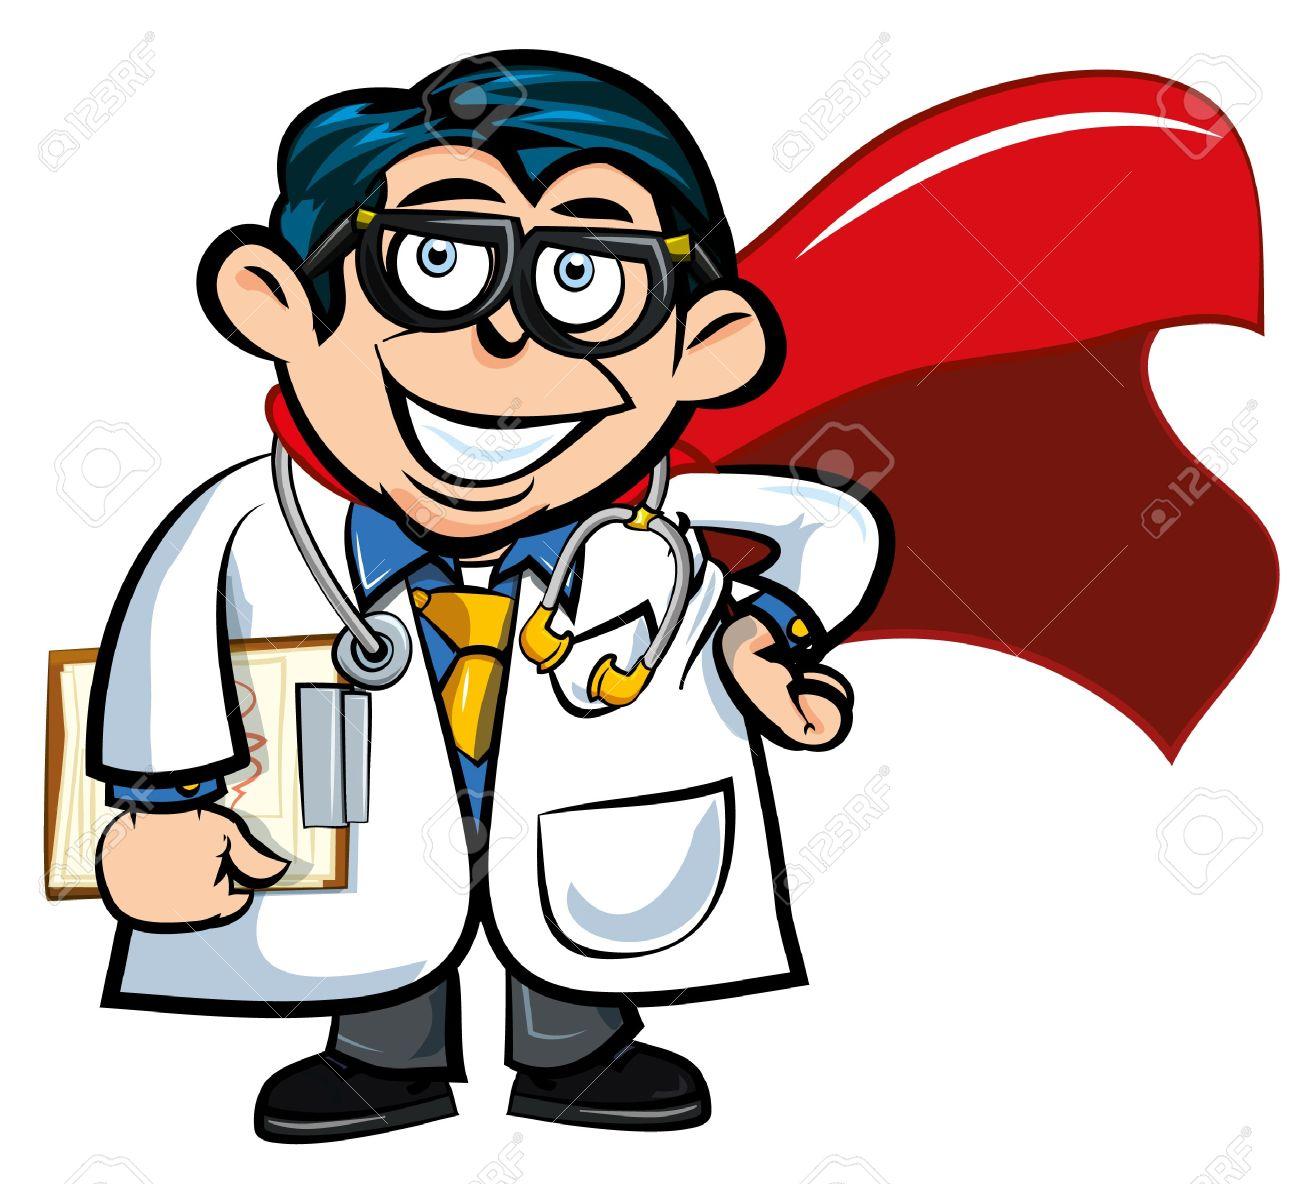 Médico De Dibujos Animados Con Una Capa De Superhéroe. Aislados En.